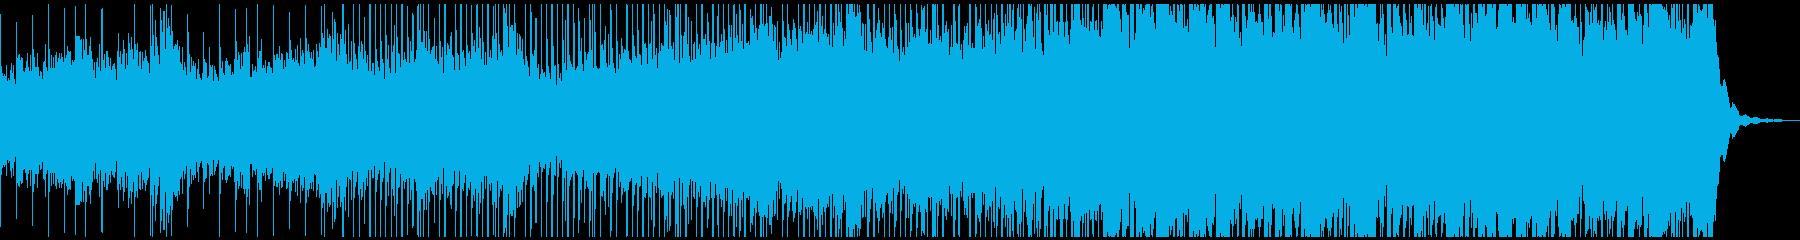 ループ可、シリアス、低音ビートとシンセの再生済みの波形